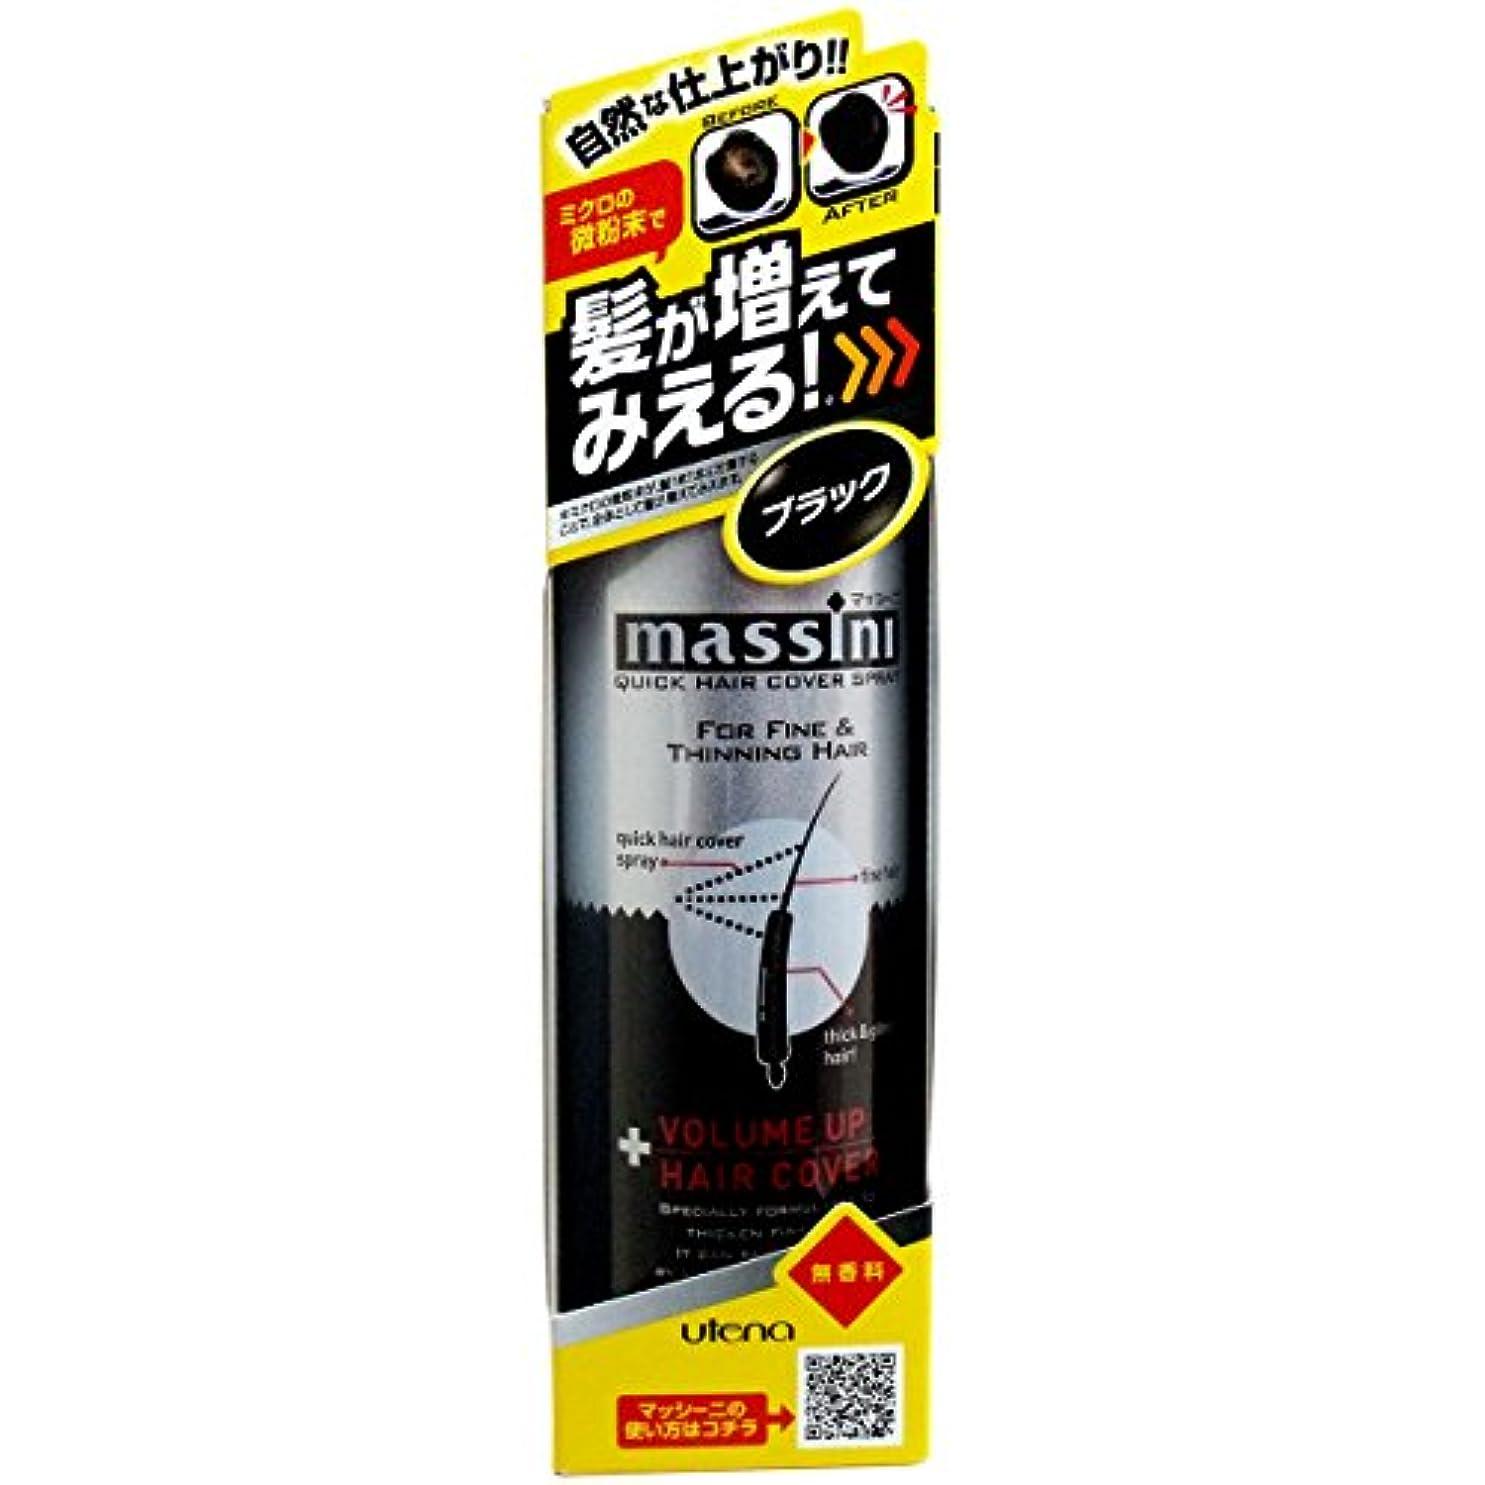 汚染するクマノミあざ【ウテナ】マッシーニ クィックヘアカバースプレー(ブラック) 140g ×10個セット